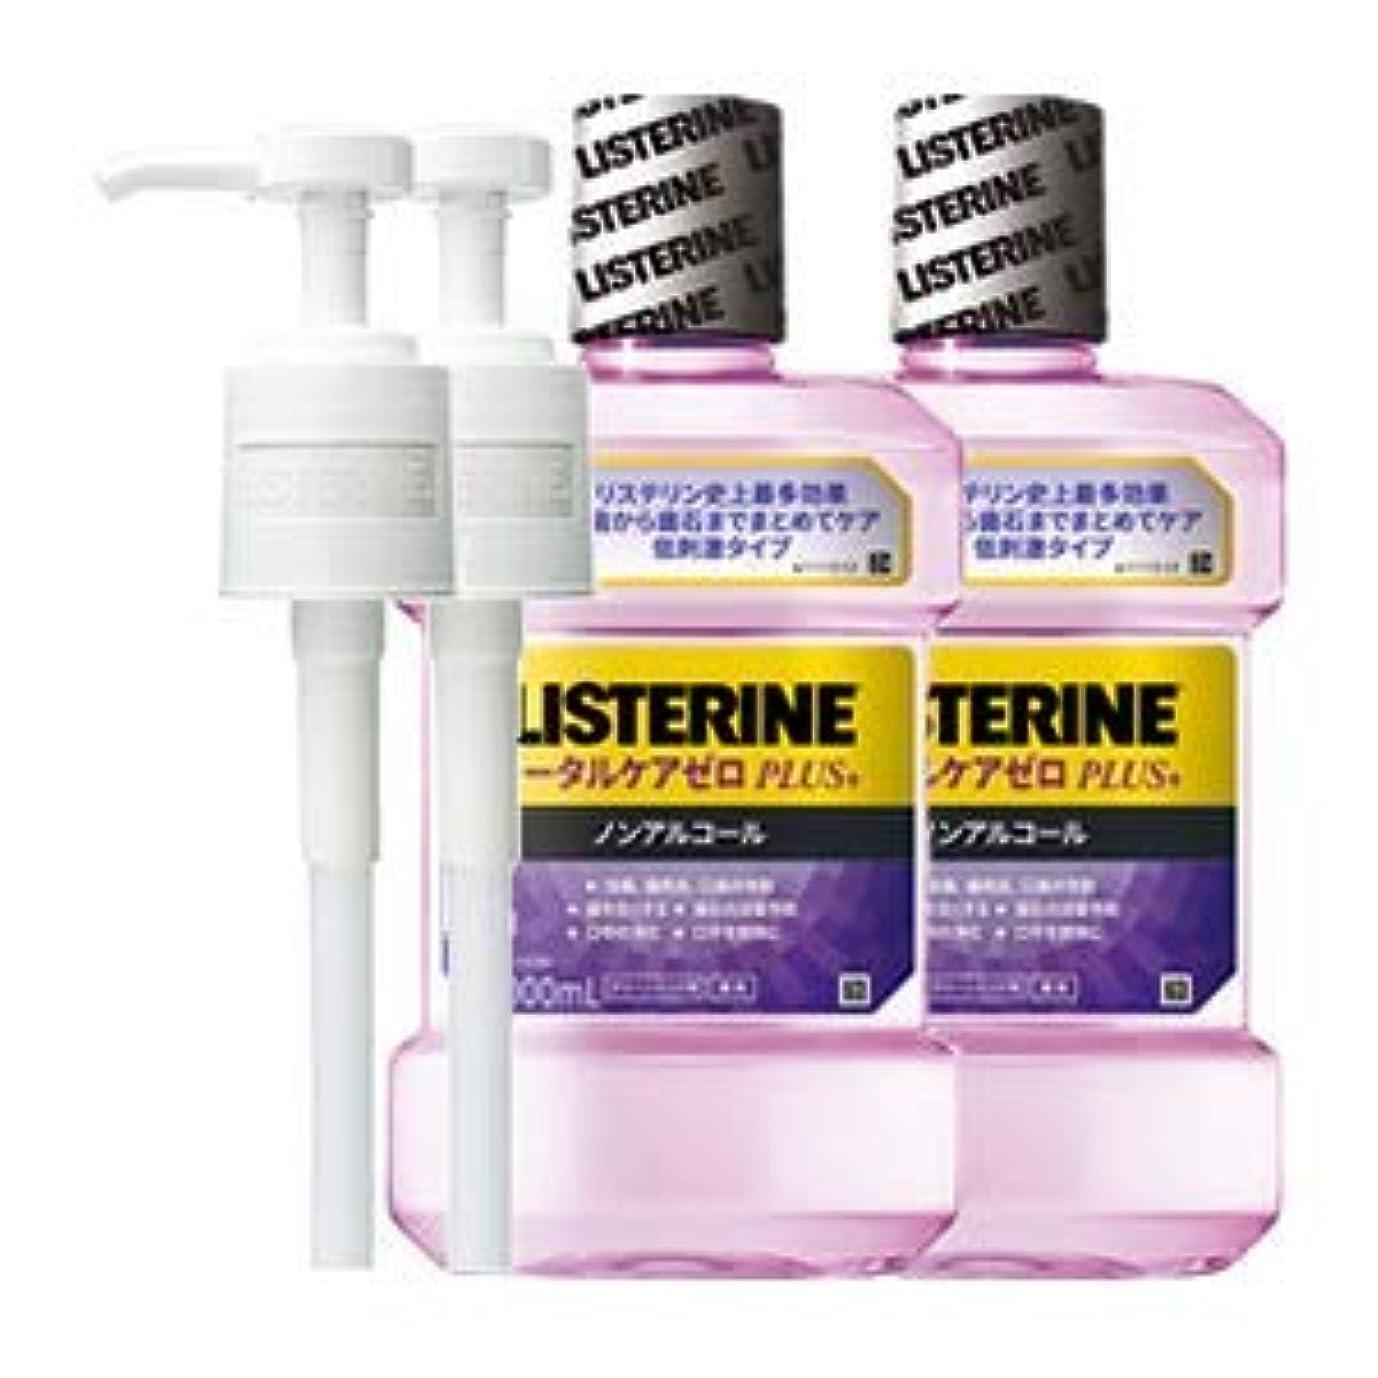 ズームインする抜け目がないズームインする薬用リステリン トータルケアゼロプラス (液体歯磨) 1000mL 2点セット (ポンプ付)